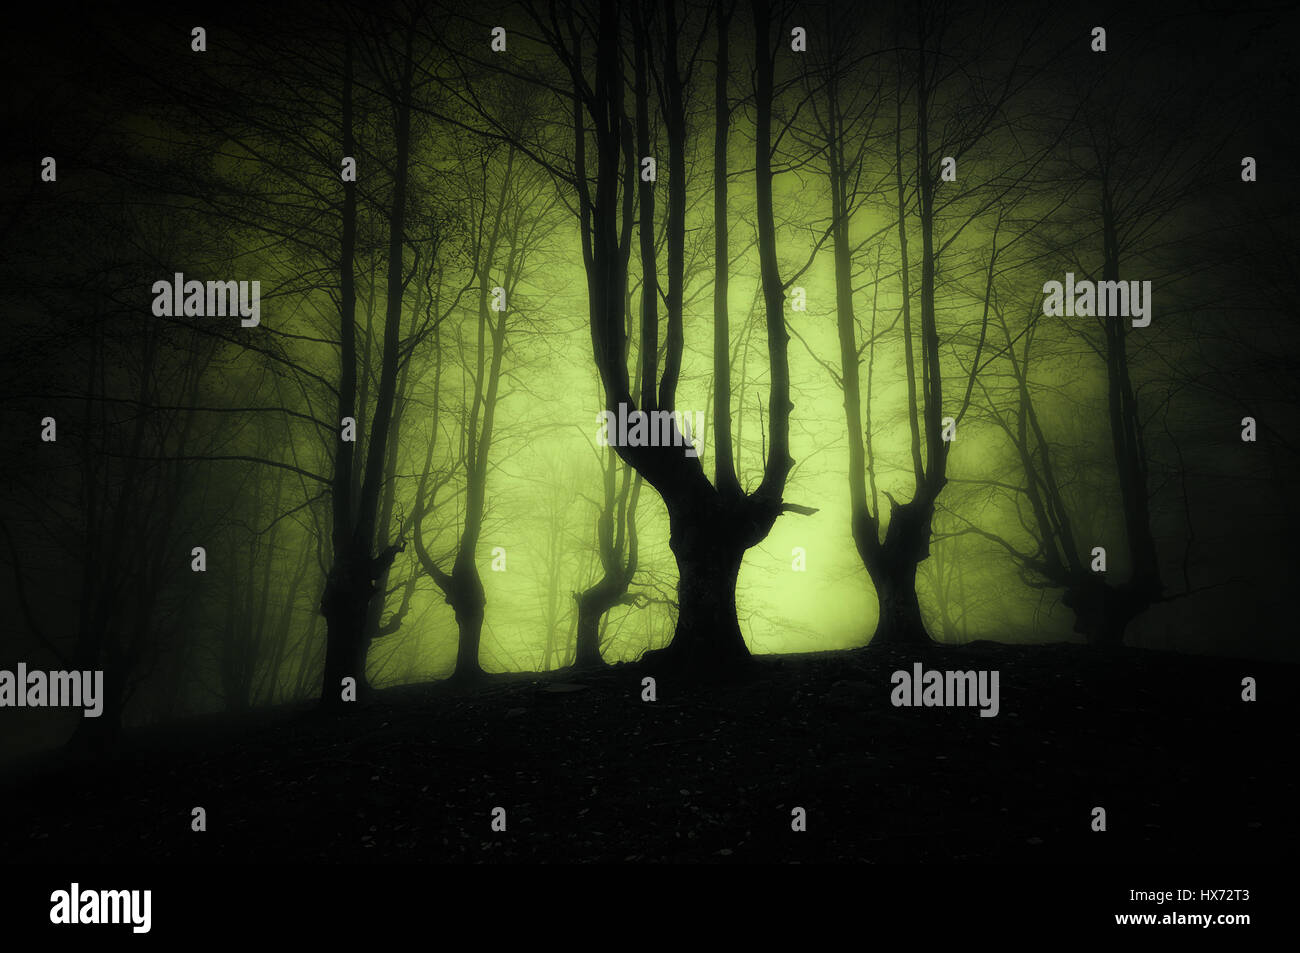 Foresta scura con alberi di paura Immagini Stock